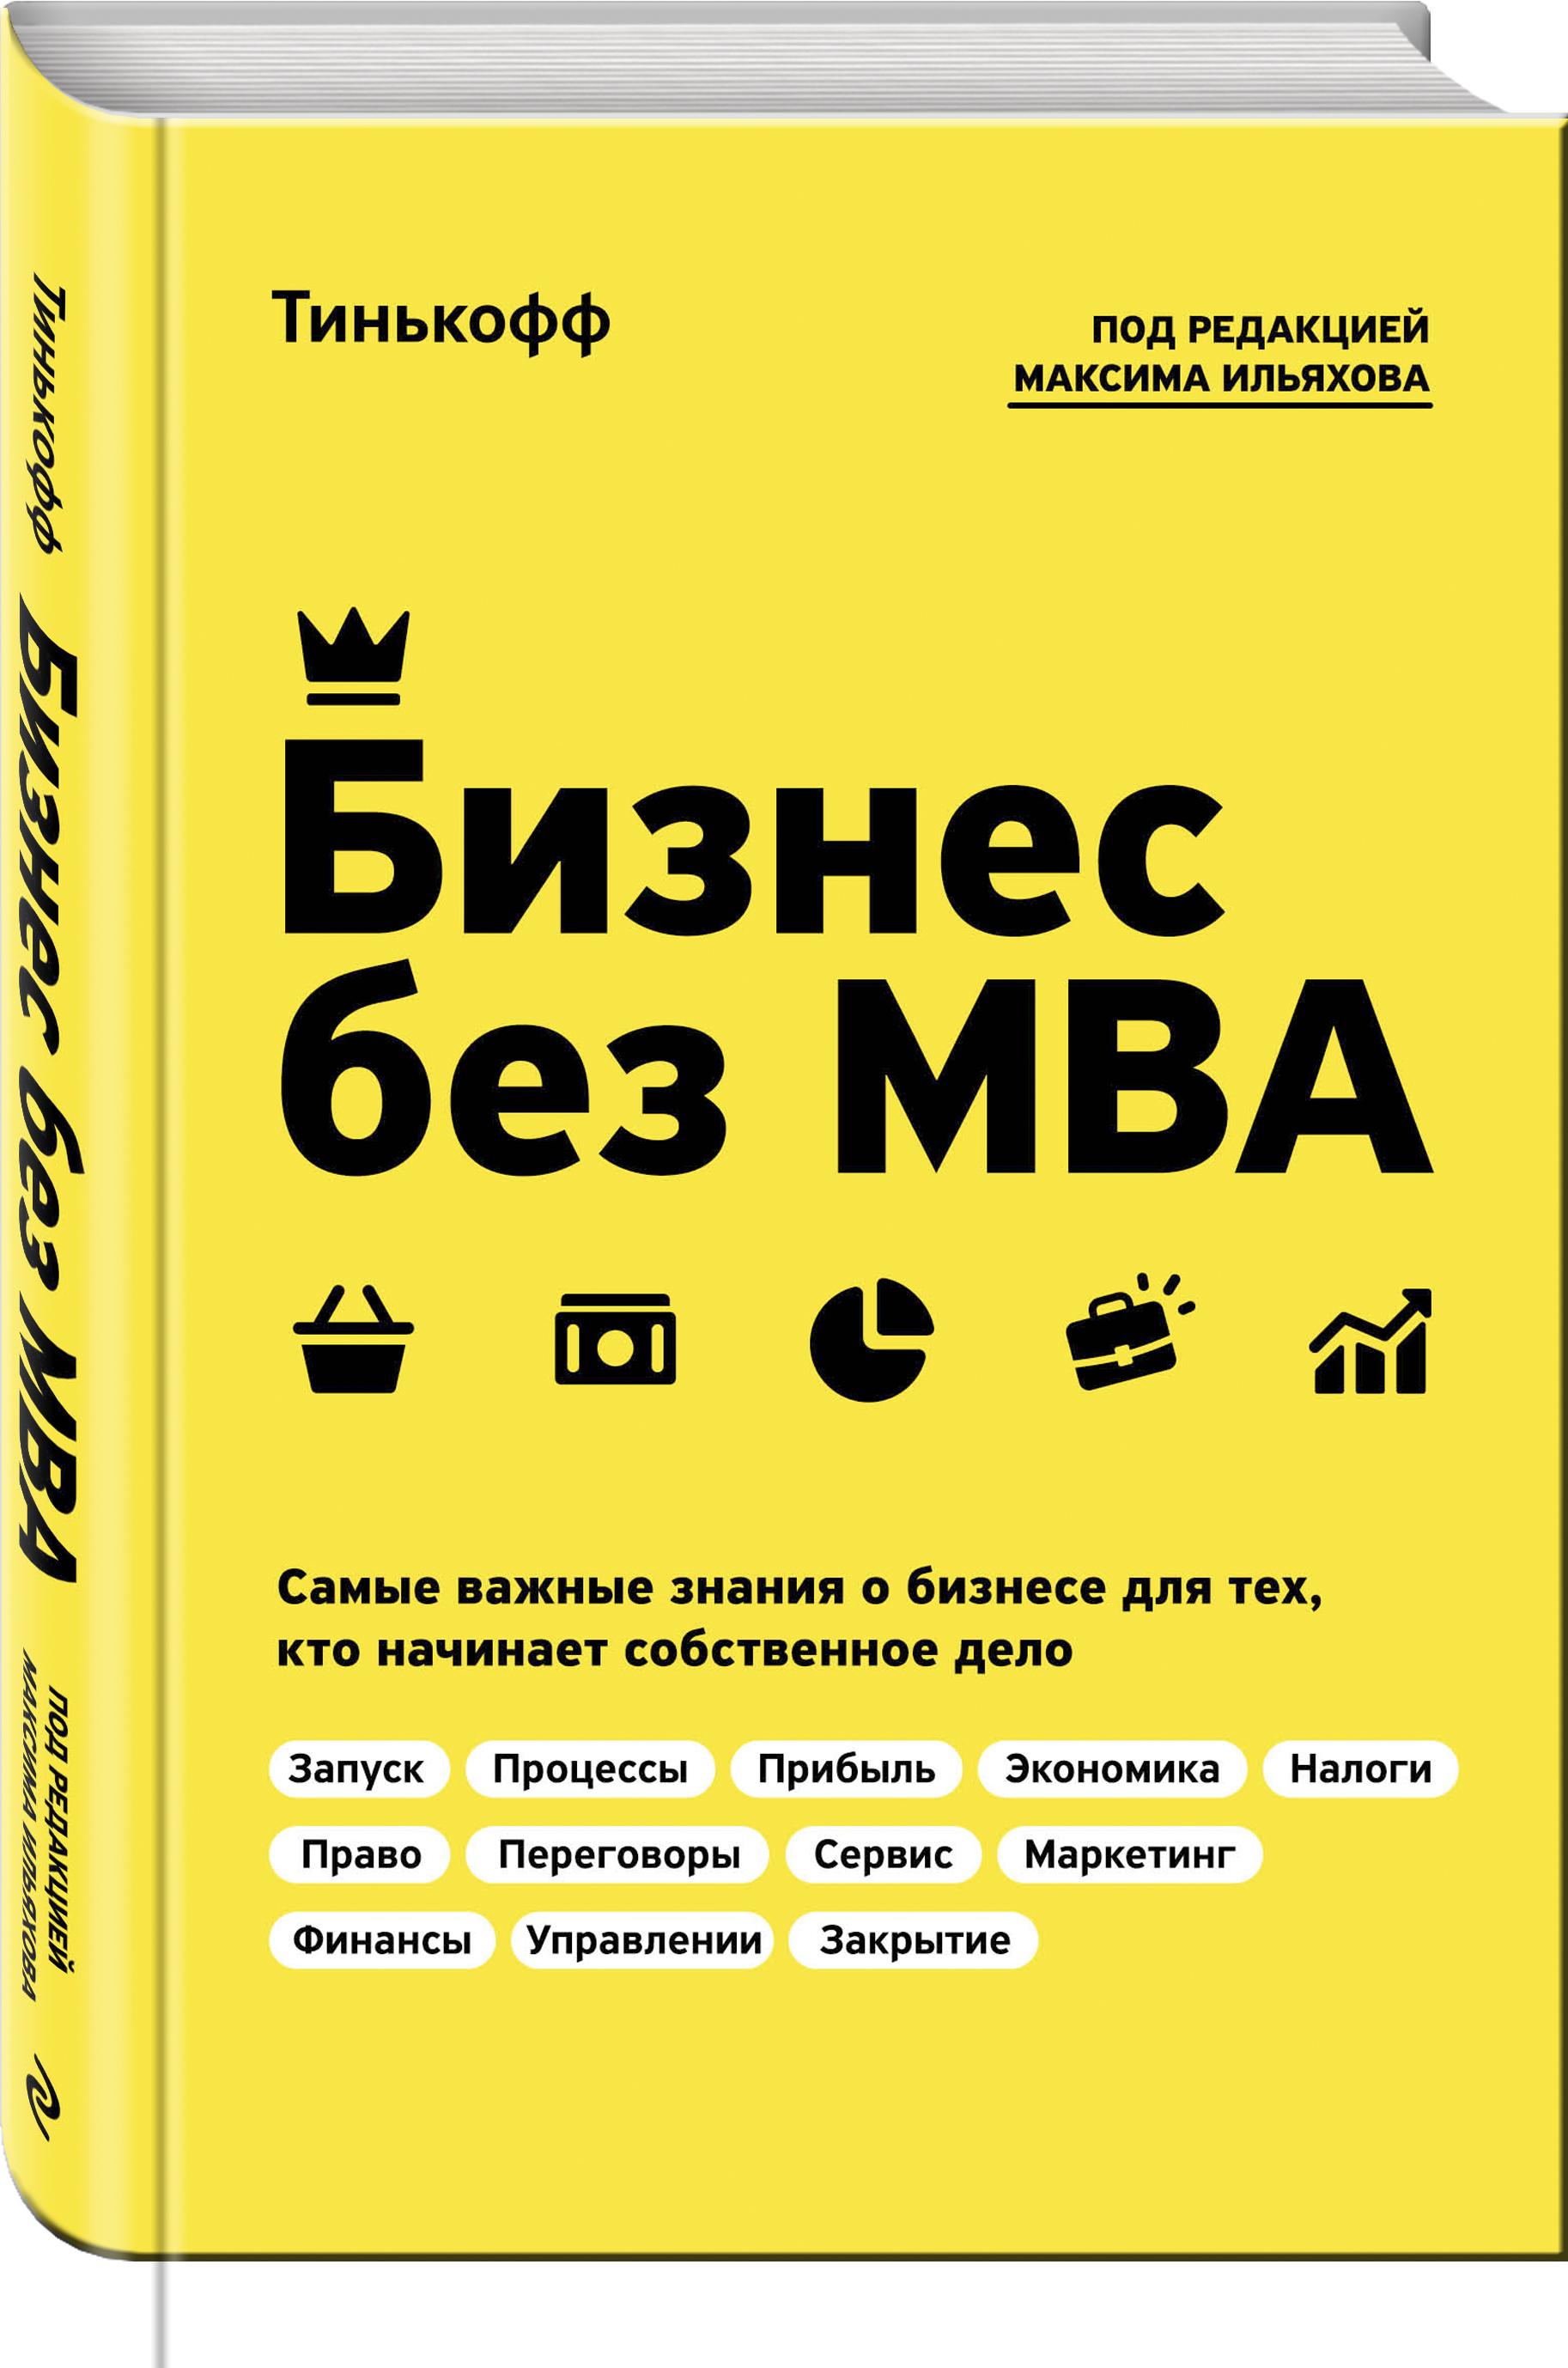 Тиньков О., Ильяхов М. Бизнес без MBA. Под редакцией Максима Ильяхова